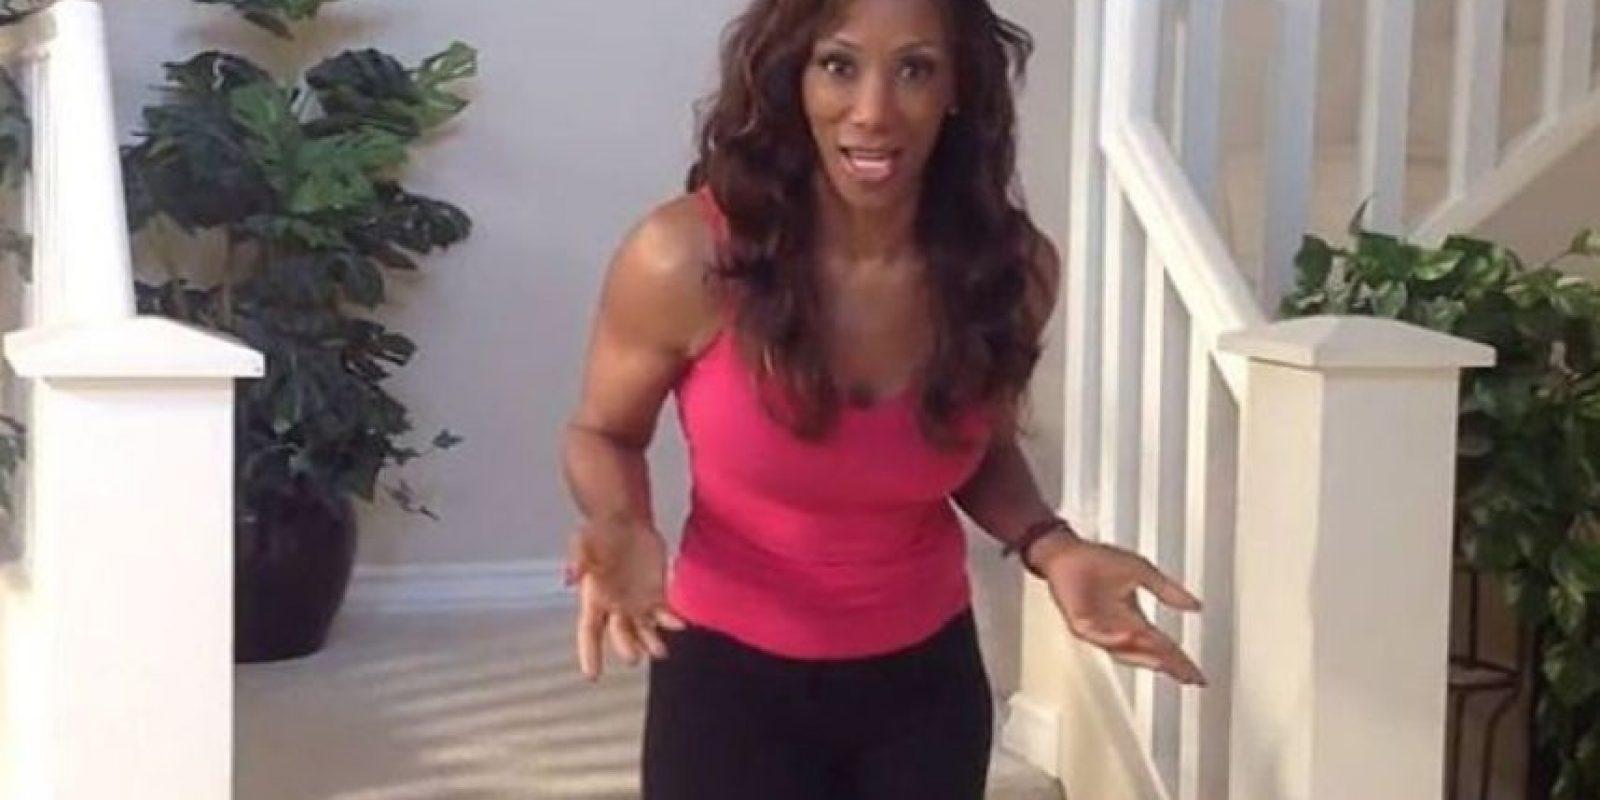 Además de hacer cardio y pesas en el gimnasio, a menudo corre. Foto:instagram.com/wendyidafitness/